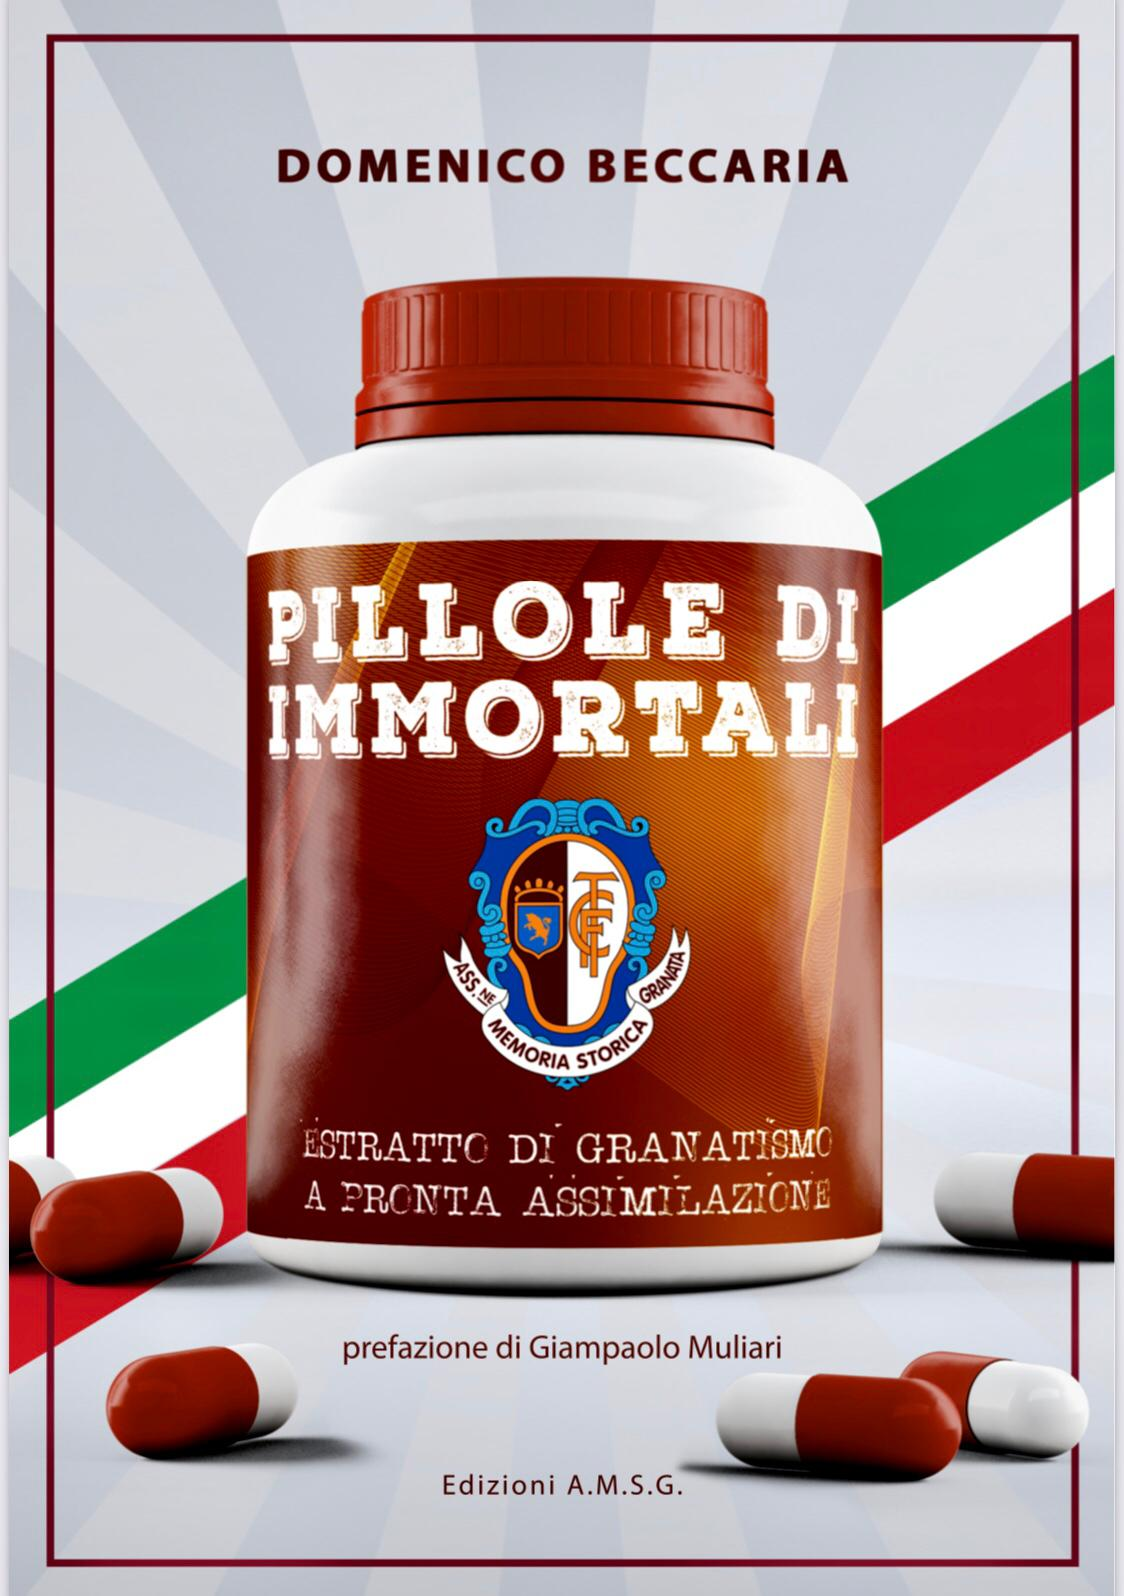 """PRESENTAZIONE DEL LIBRO DI BECCARIA """"PILLOLE DI IMMORTALI"""""""